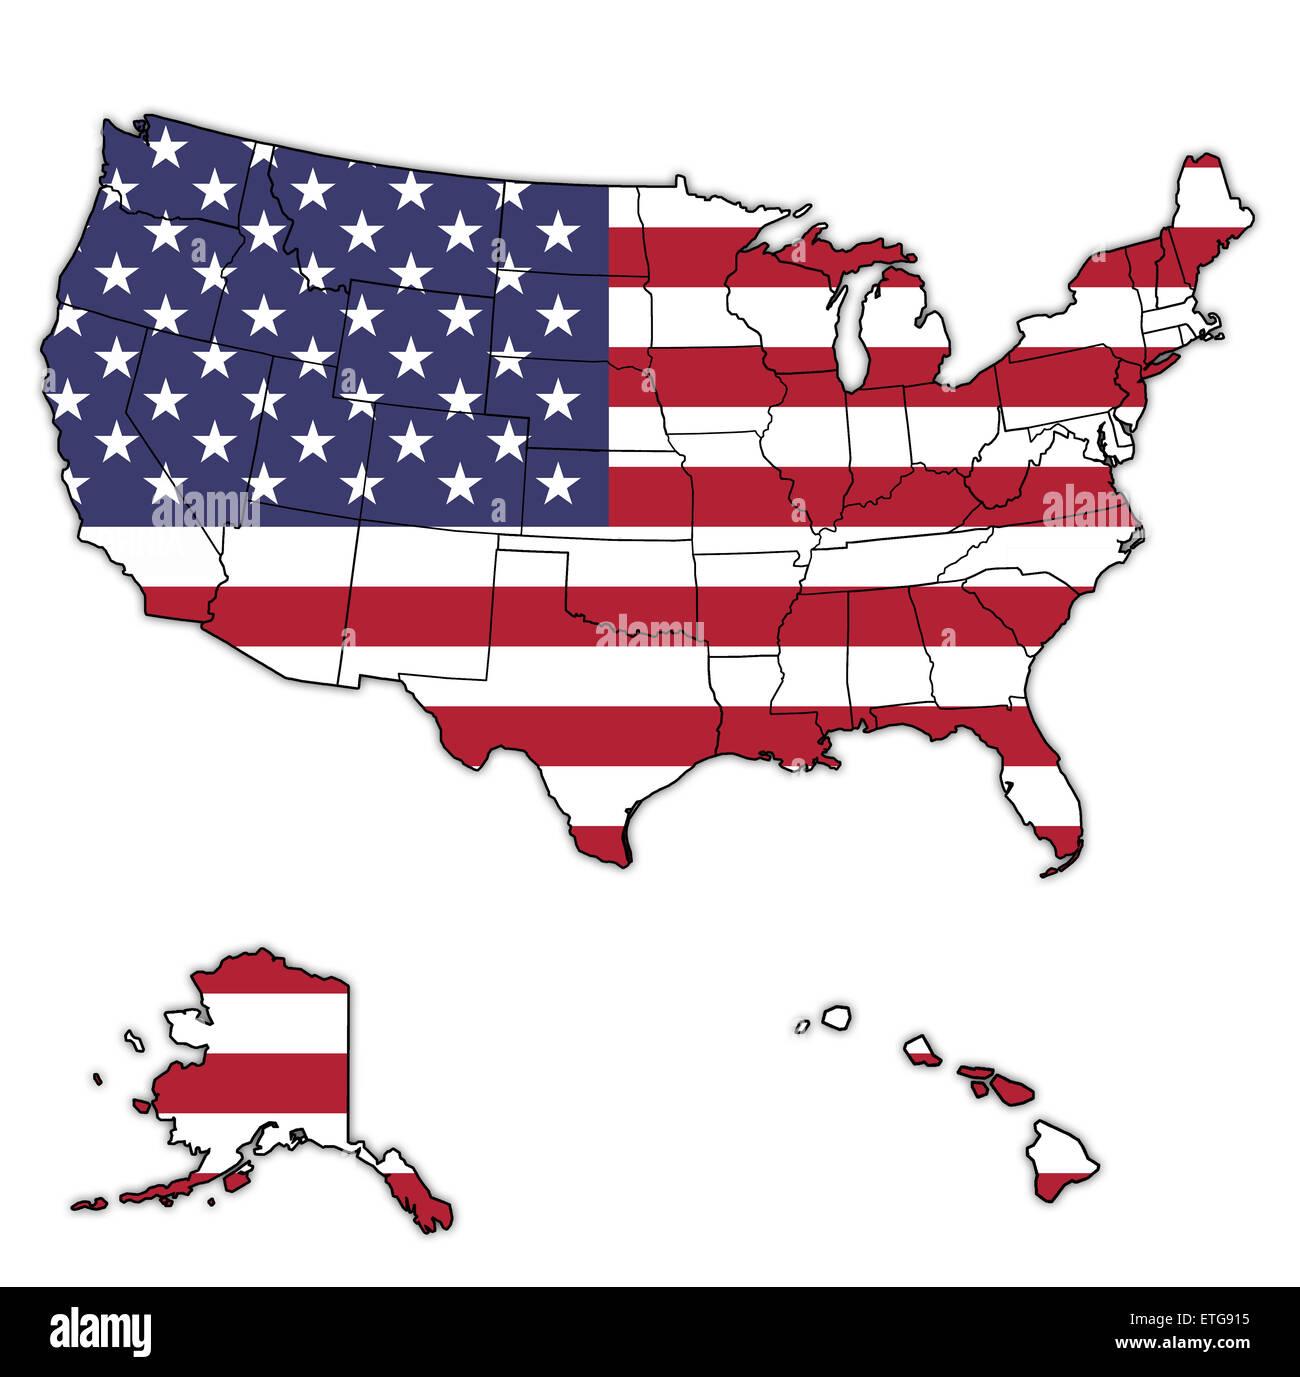 usa flagge auf karte der vereinigten staaten von amerika mit staatsgrenzen stockfoto bild. Black Bedroom Furniture Sets. Home Design Ideas